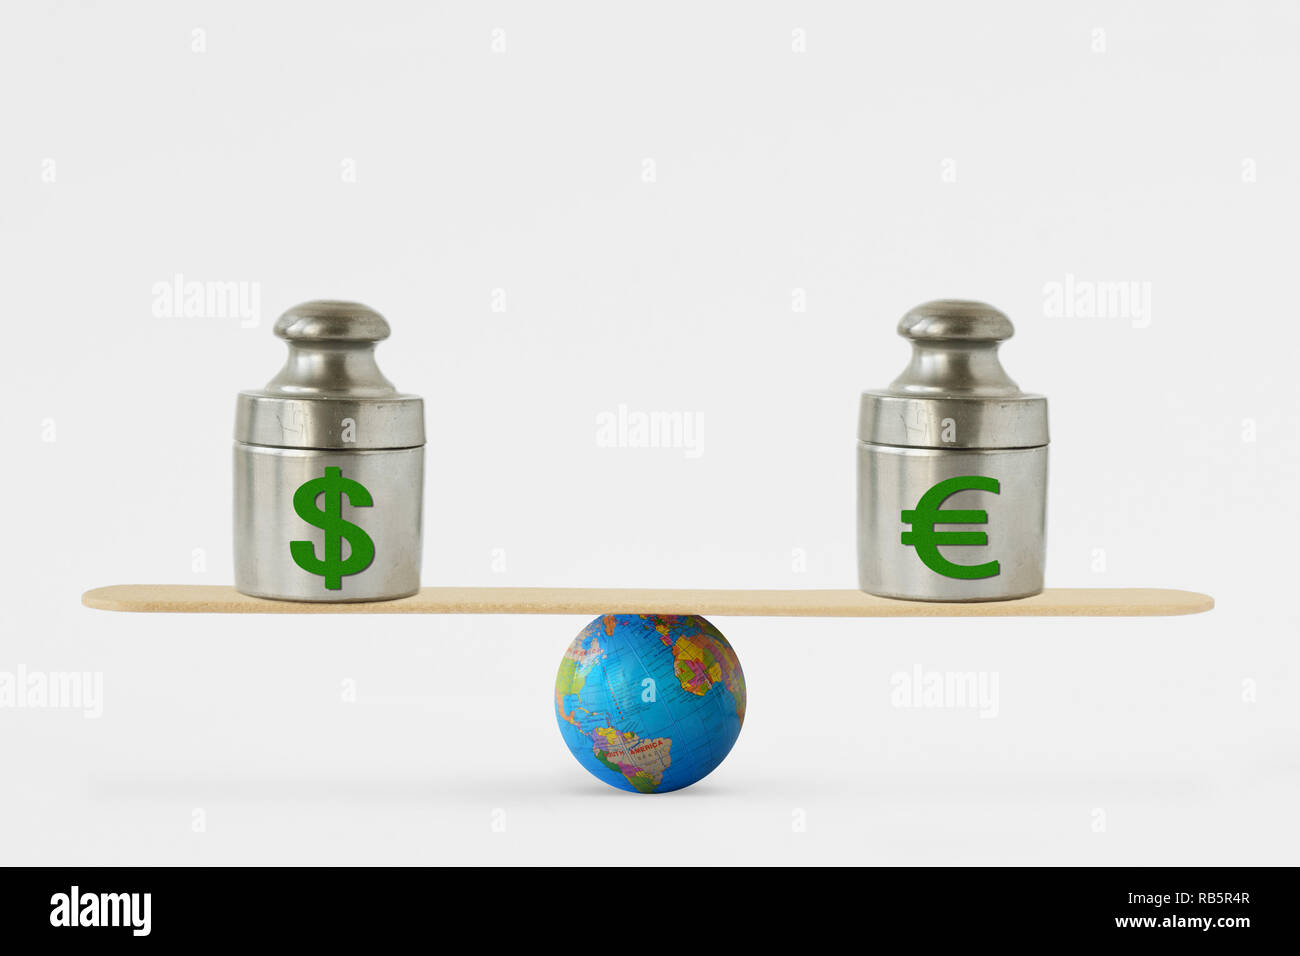 Dollar and euro symbols on balance scale - Concept of balance between dollar and euro Stock Photo